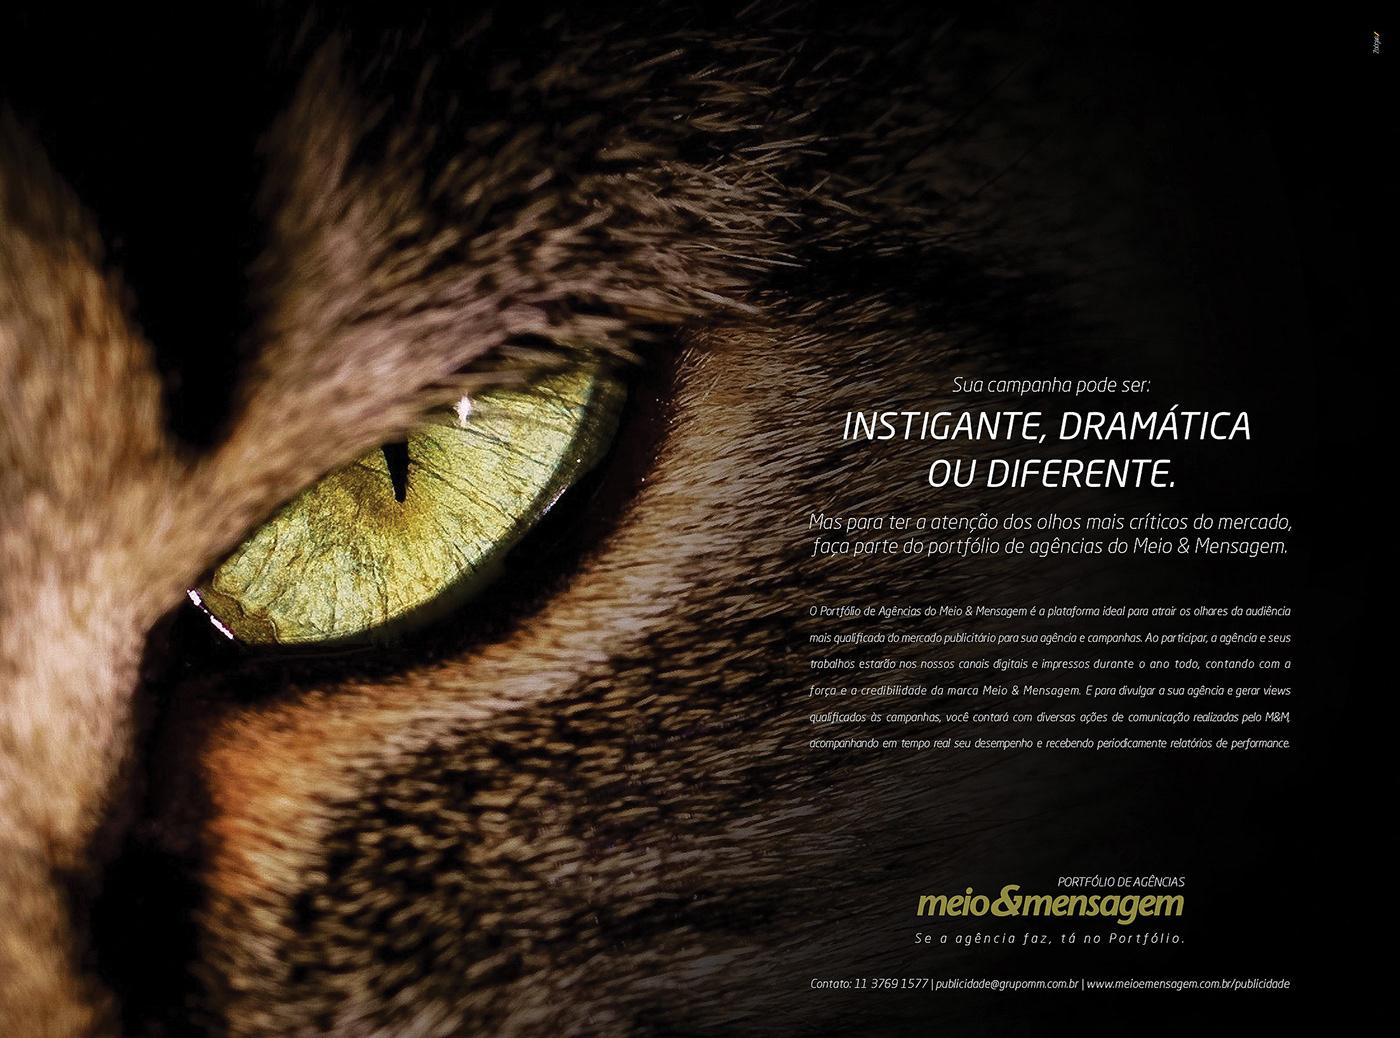 Advertisign Creative Direction  Art Director campanha publicitária publicidade Direção de arte design gráfico Meio & Mensagem